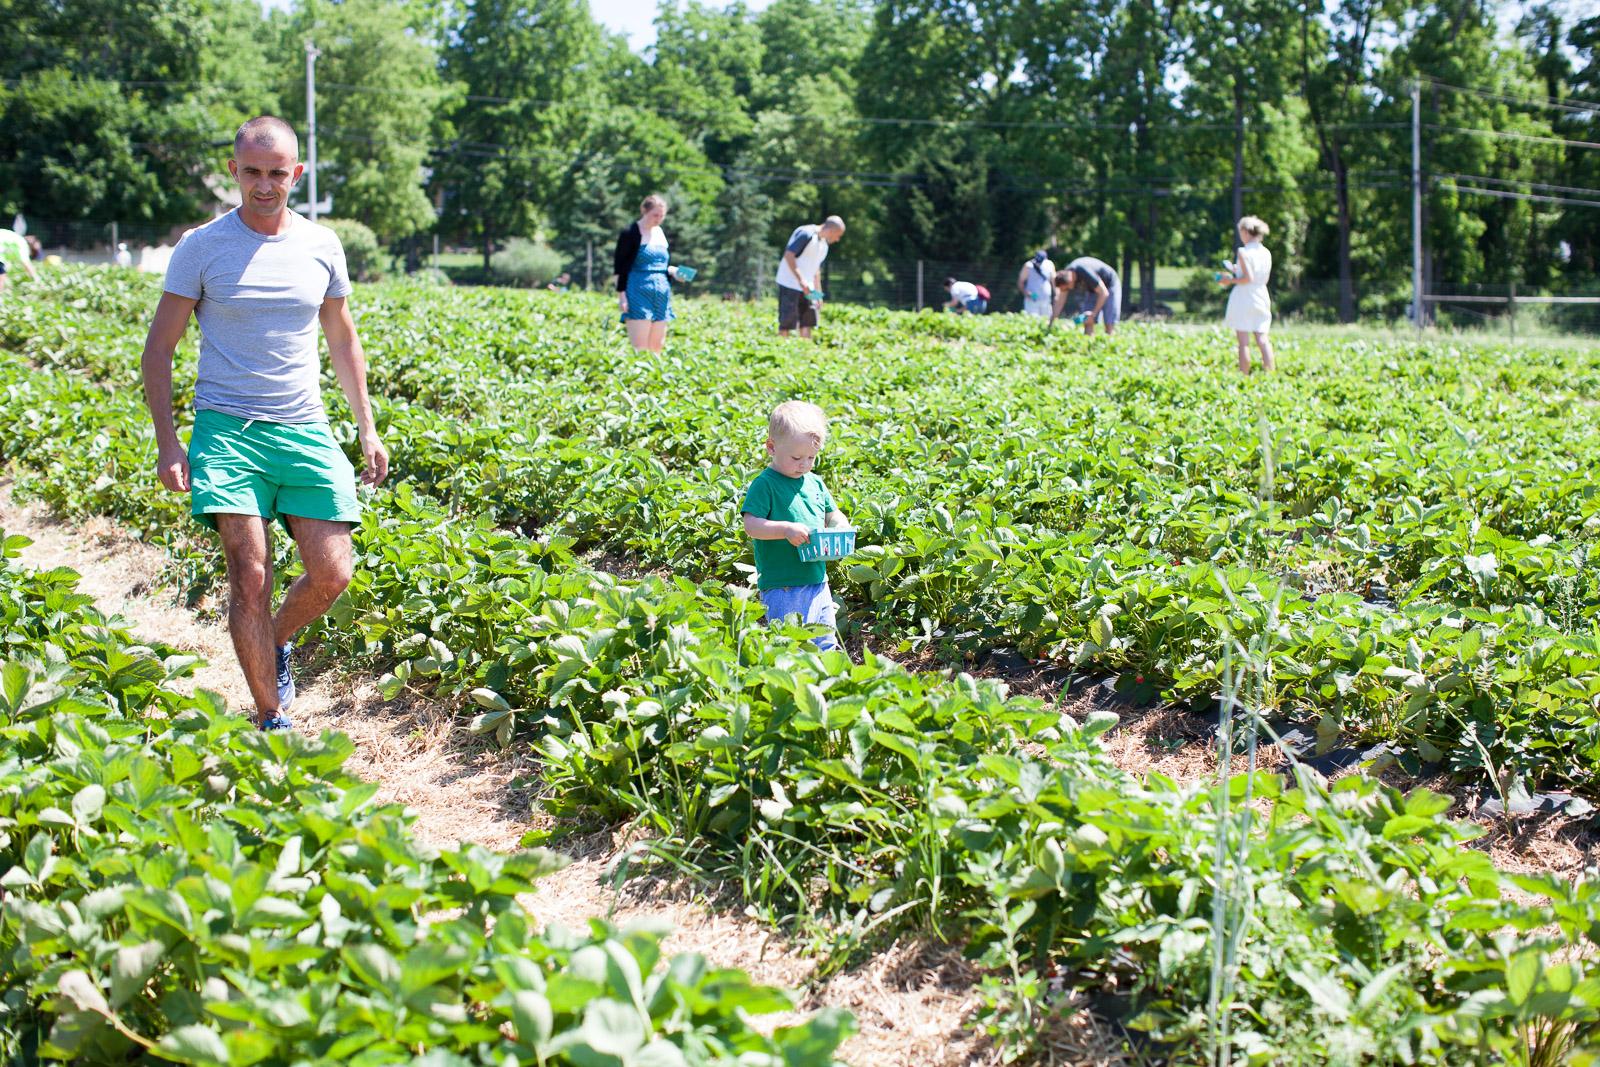 freshkill-farm-zbior-truskawek-w-usa-robertiaga-4